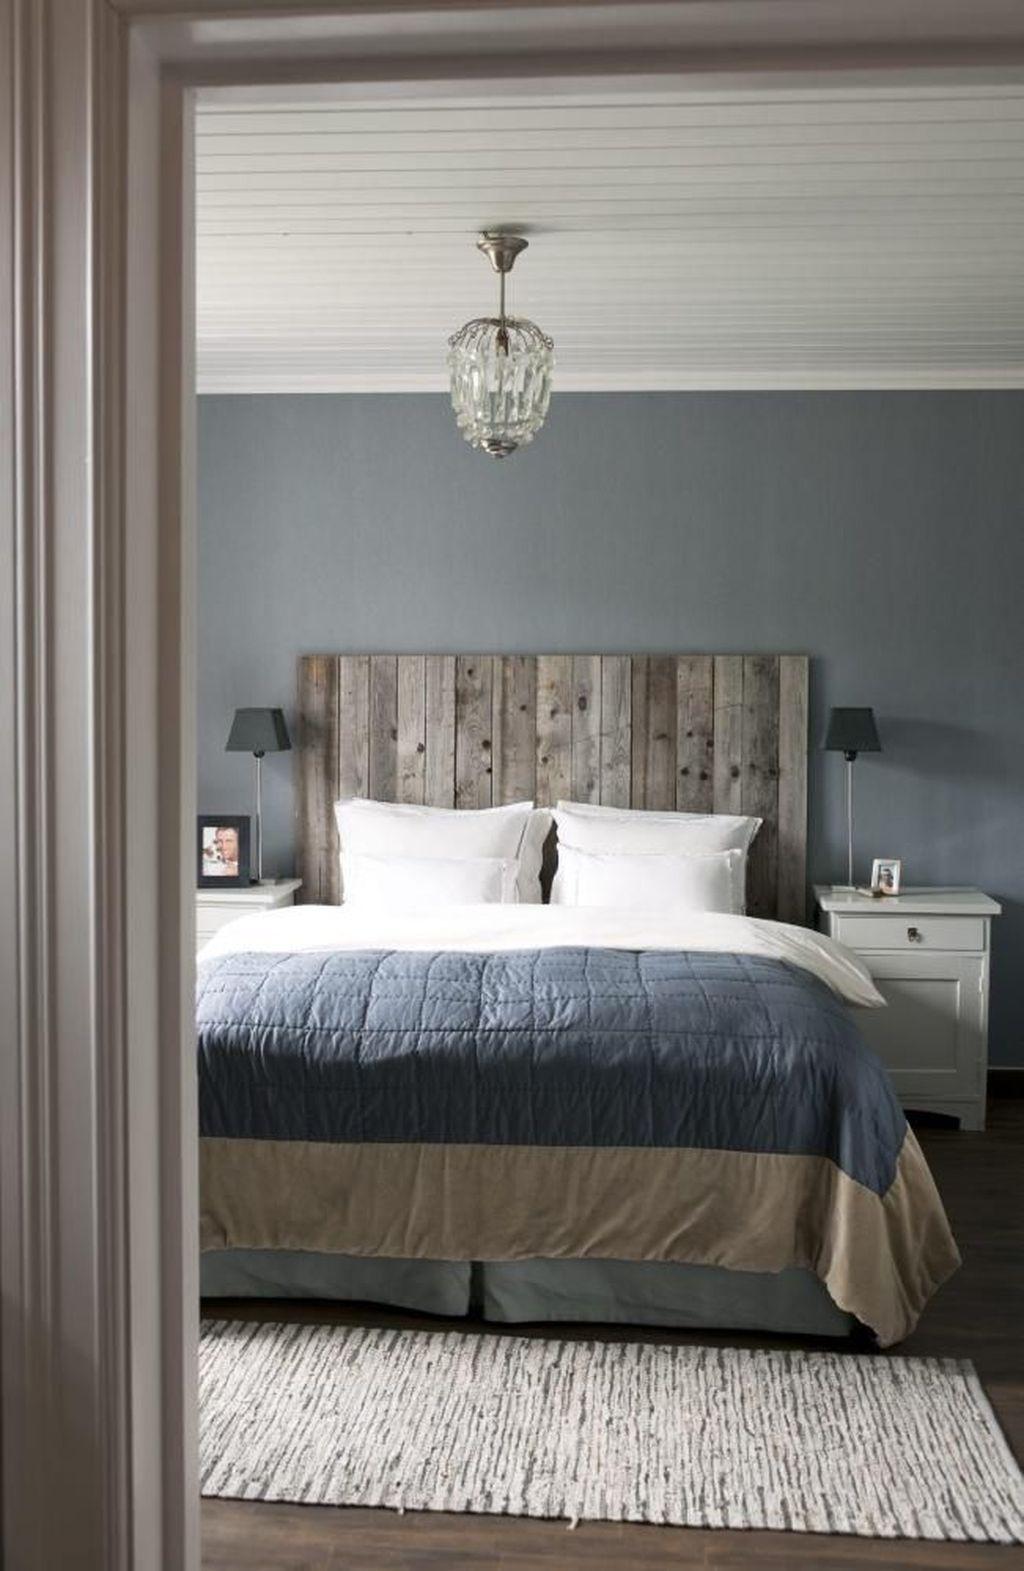 37 Cozy Rustic Bedroom Design Ideas 26